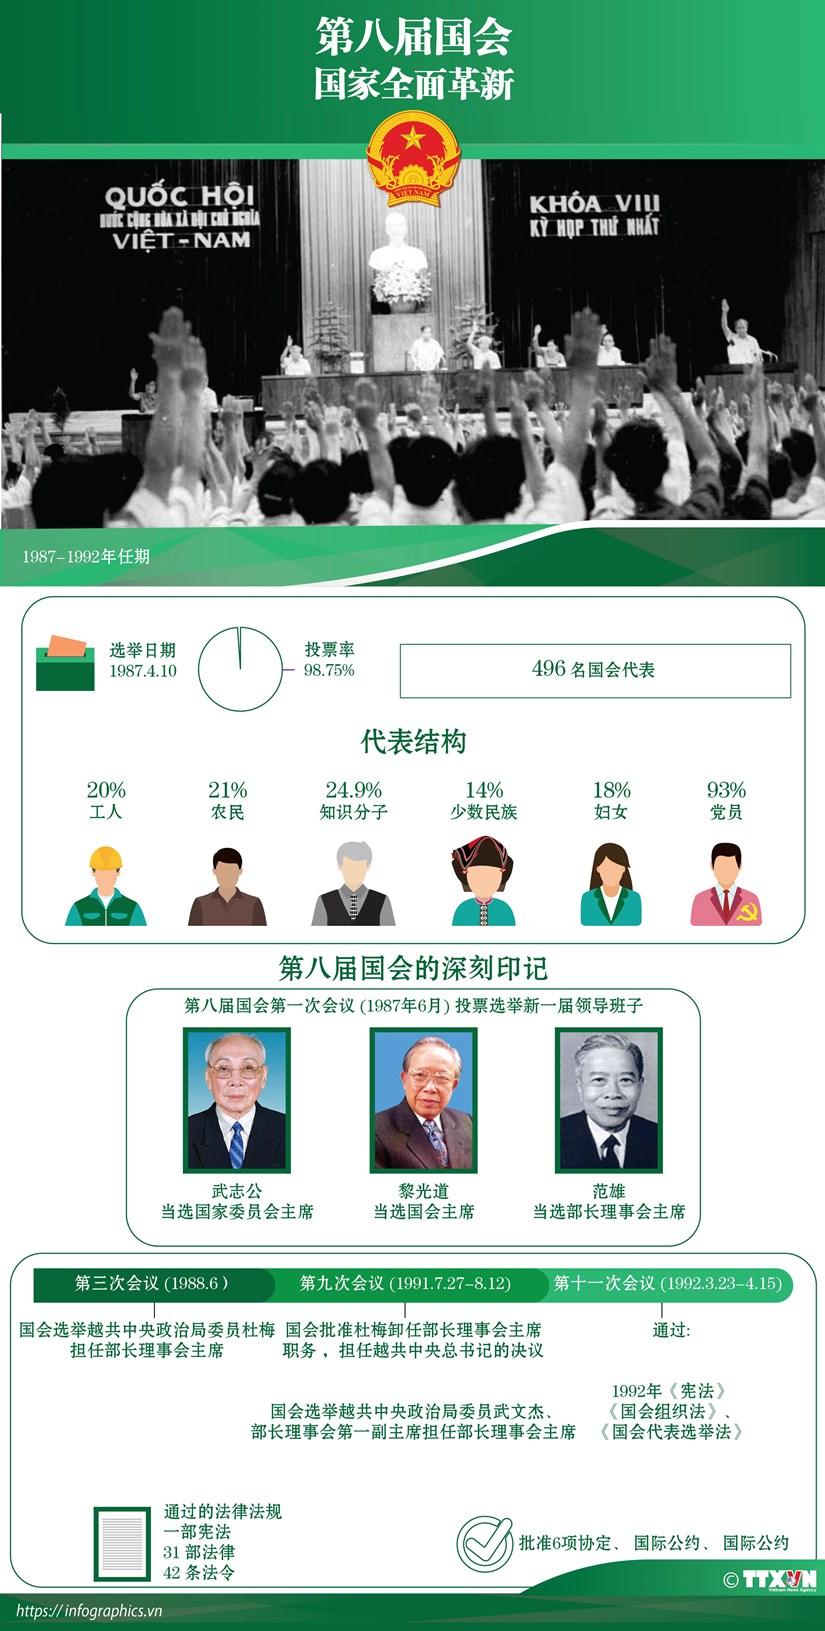 图表新闻:第八届国会:国家全面革新 hinh anh 1